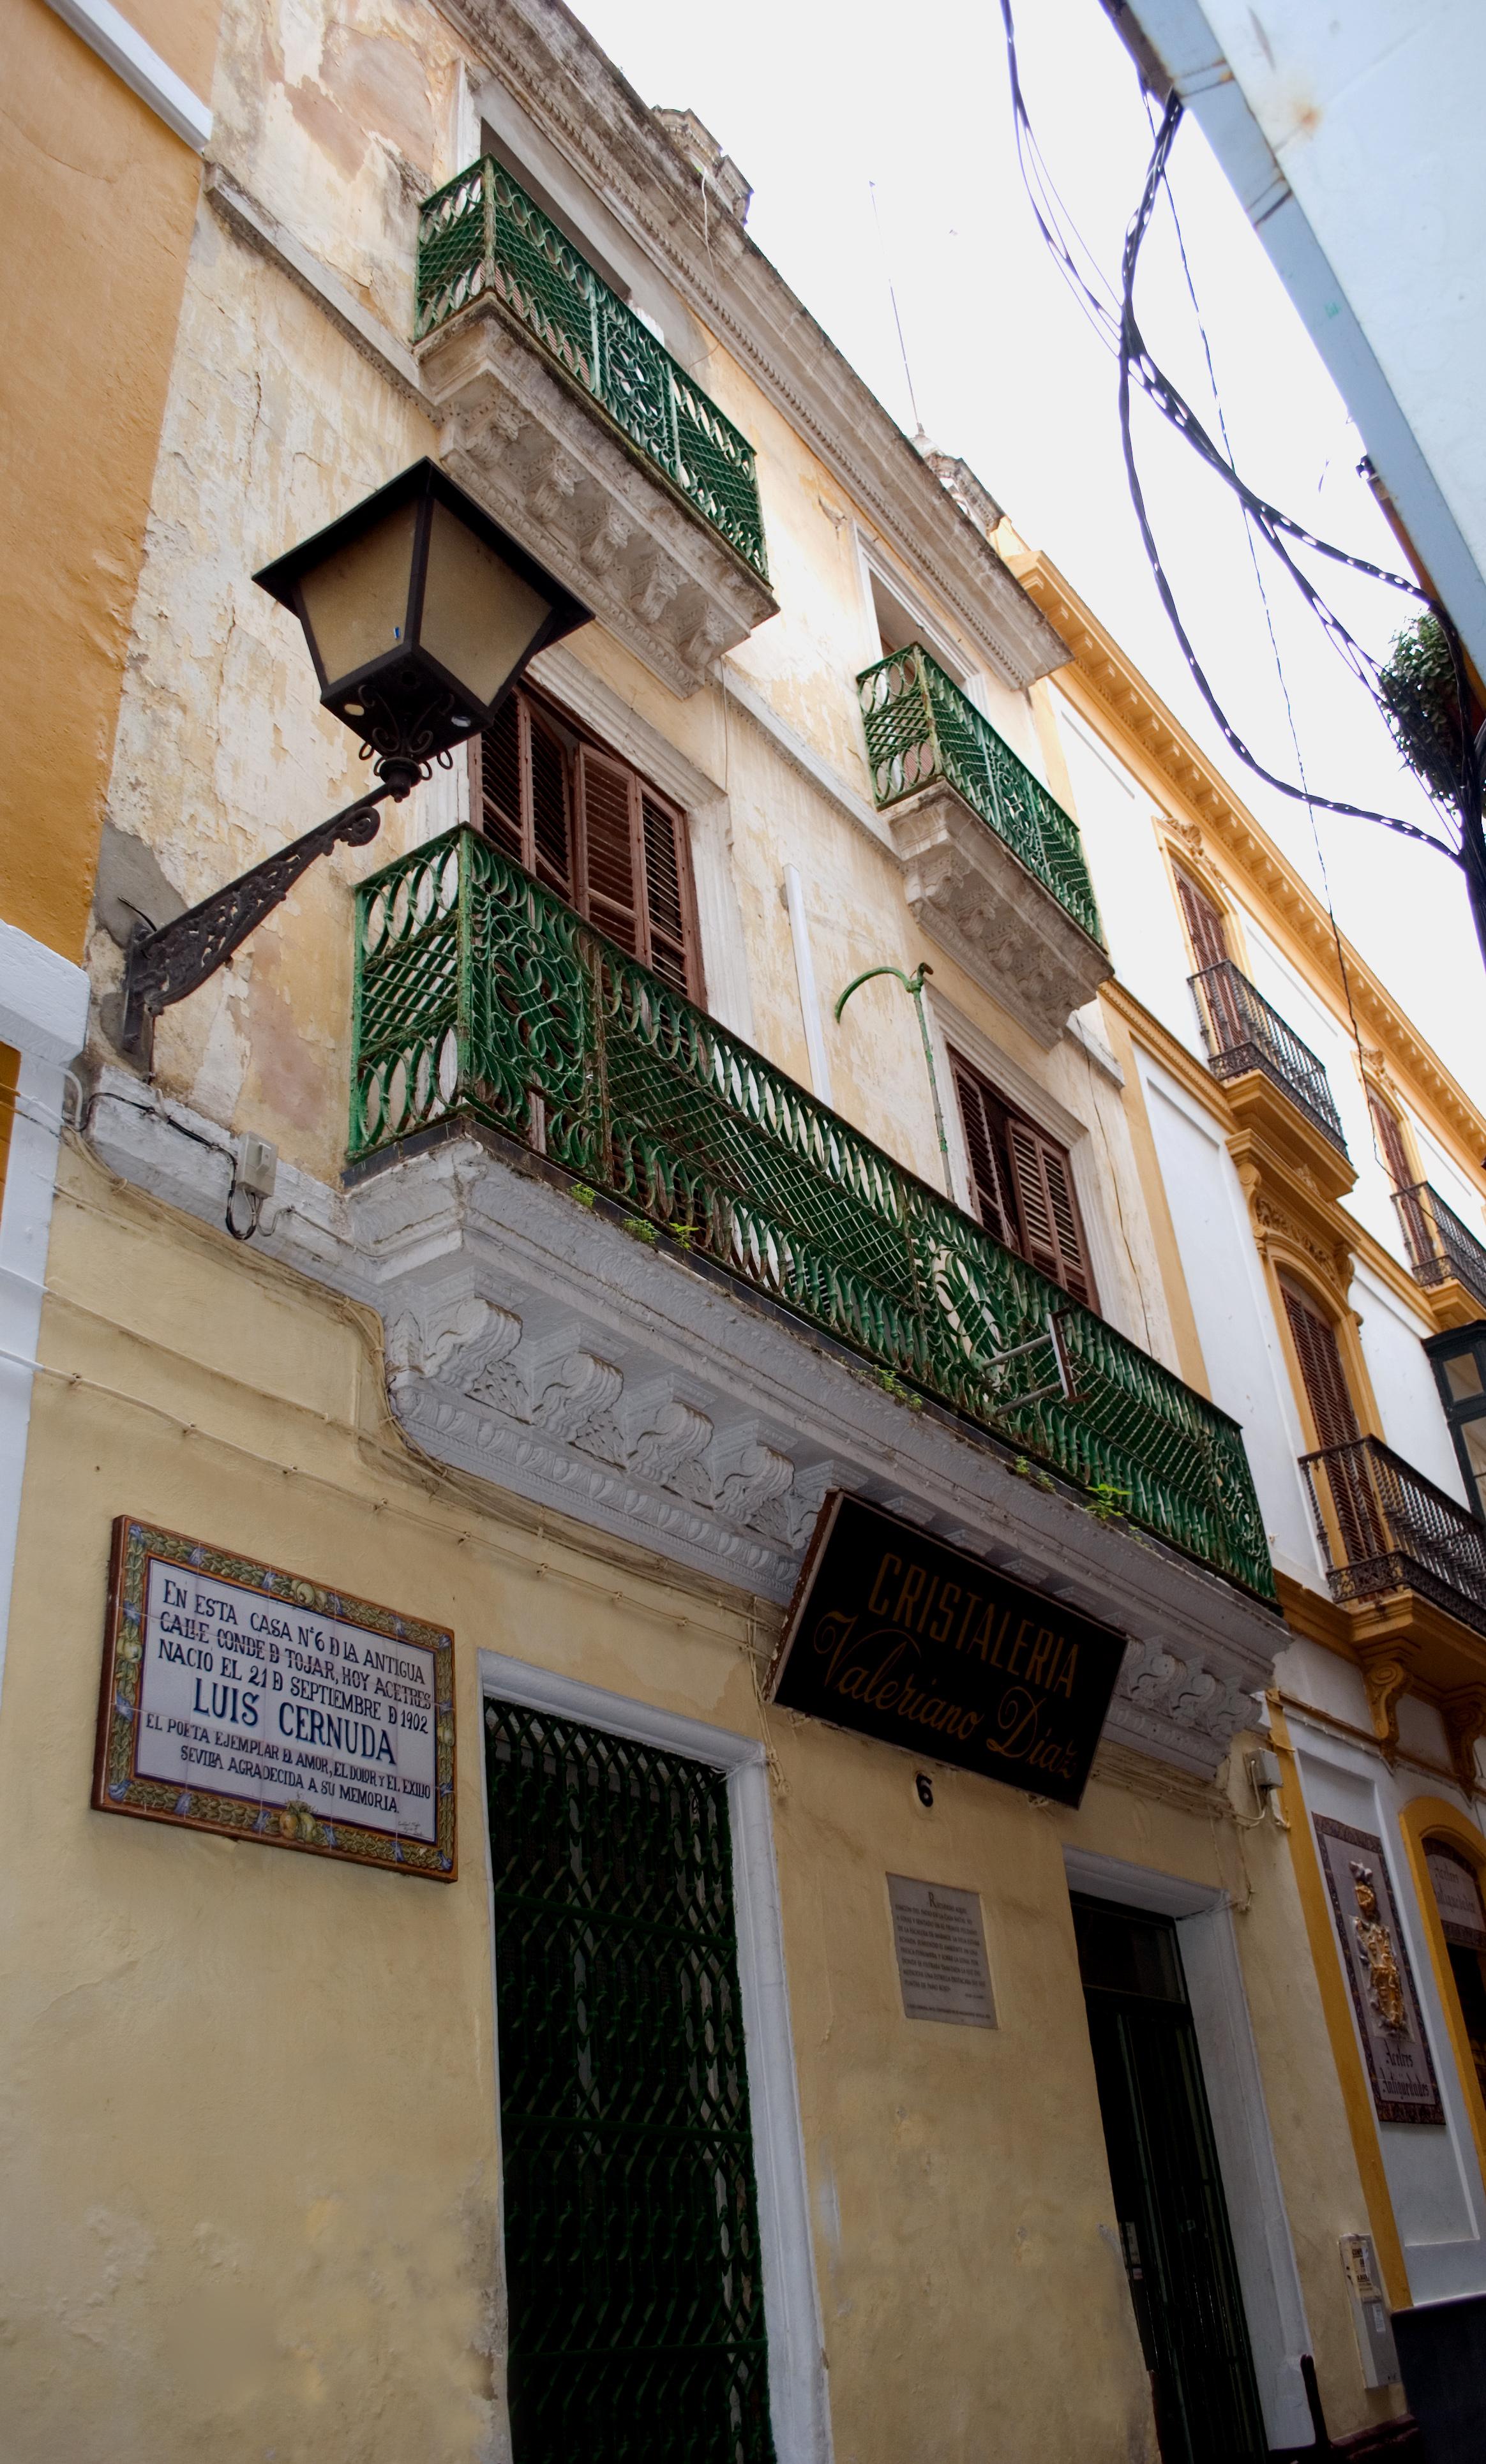 Casa natal del poeta en el número 6 de la antigua calle de Conde de Tojar, actualmente calle Acetres, en Sevilla.